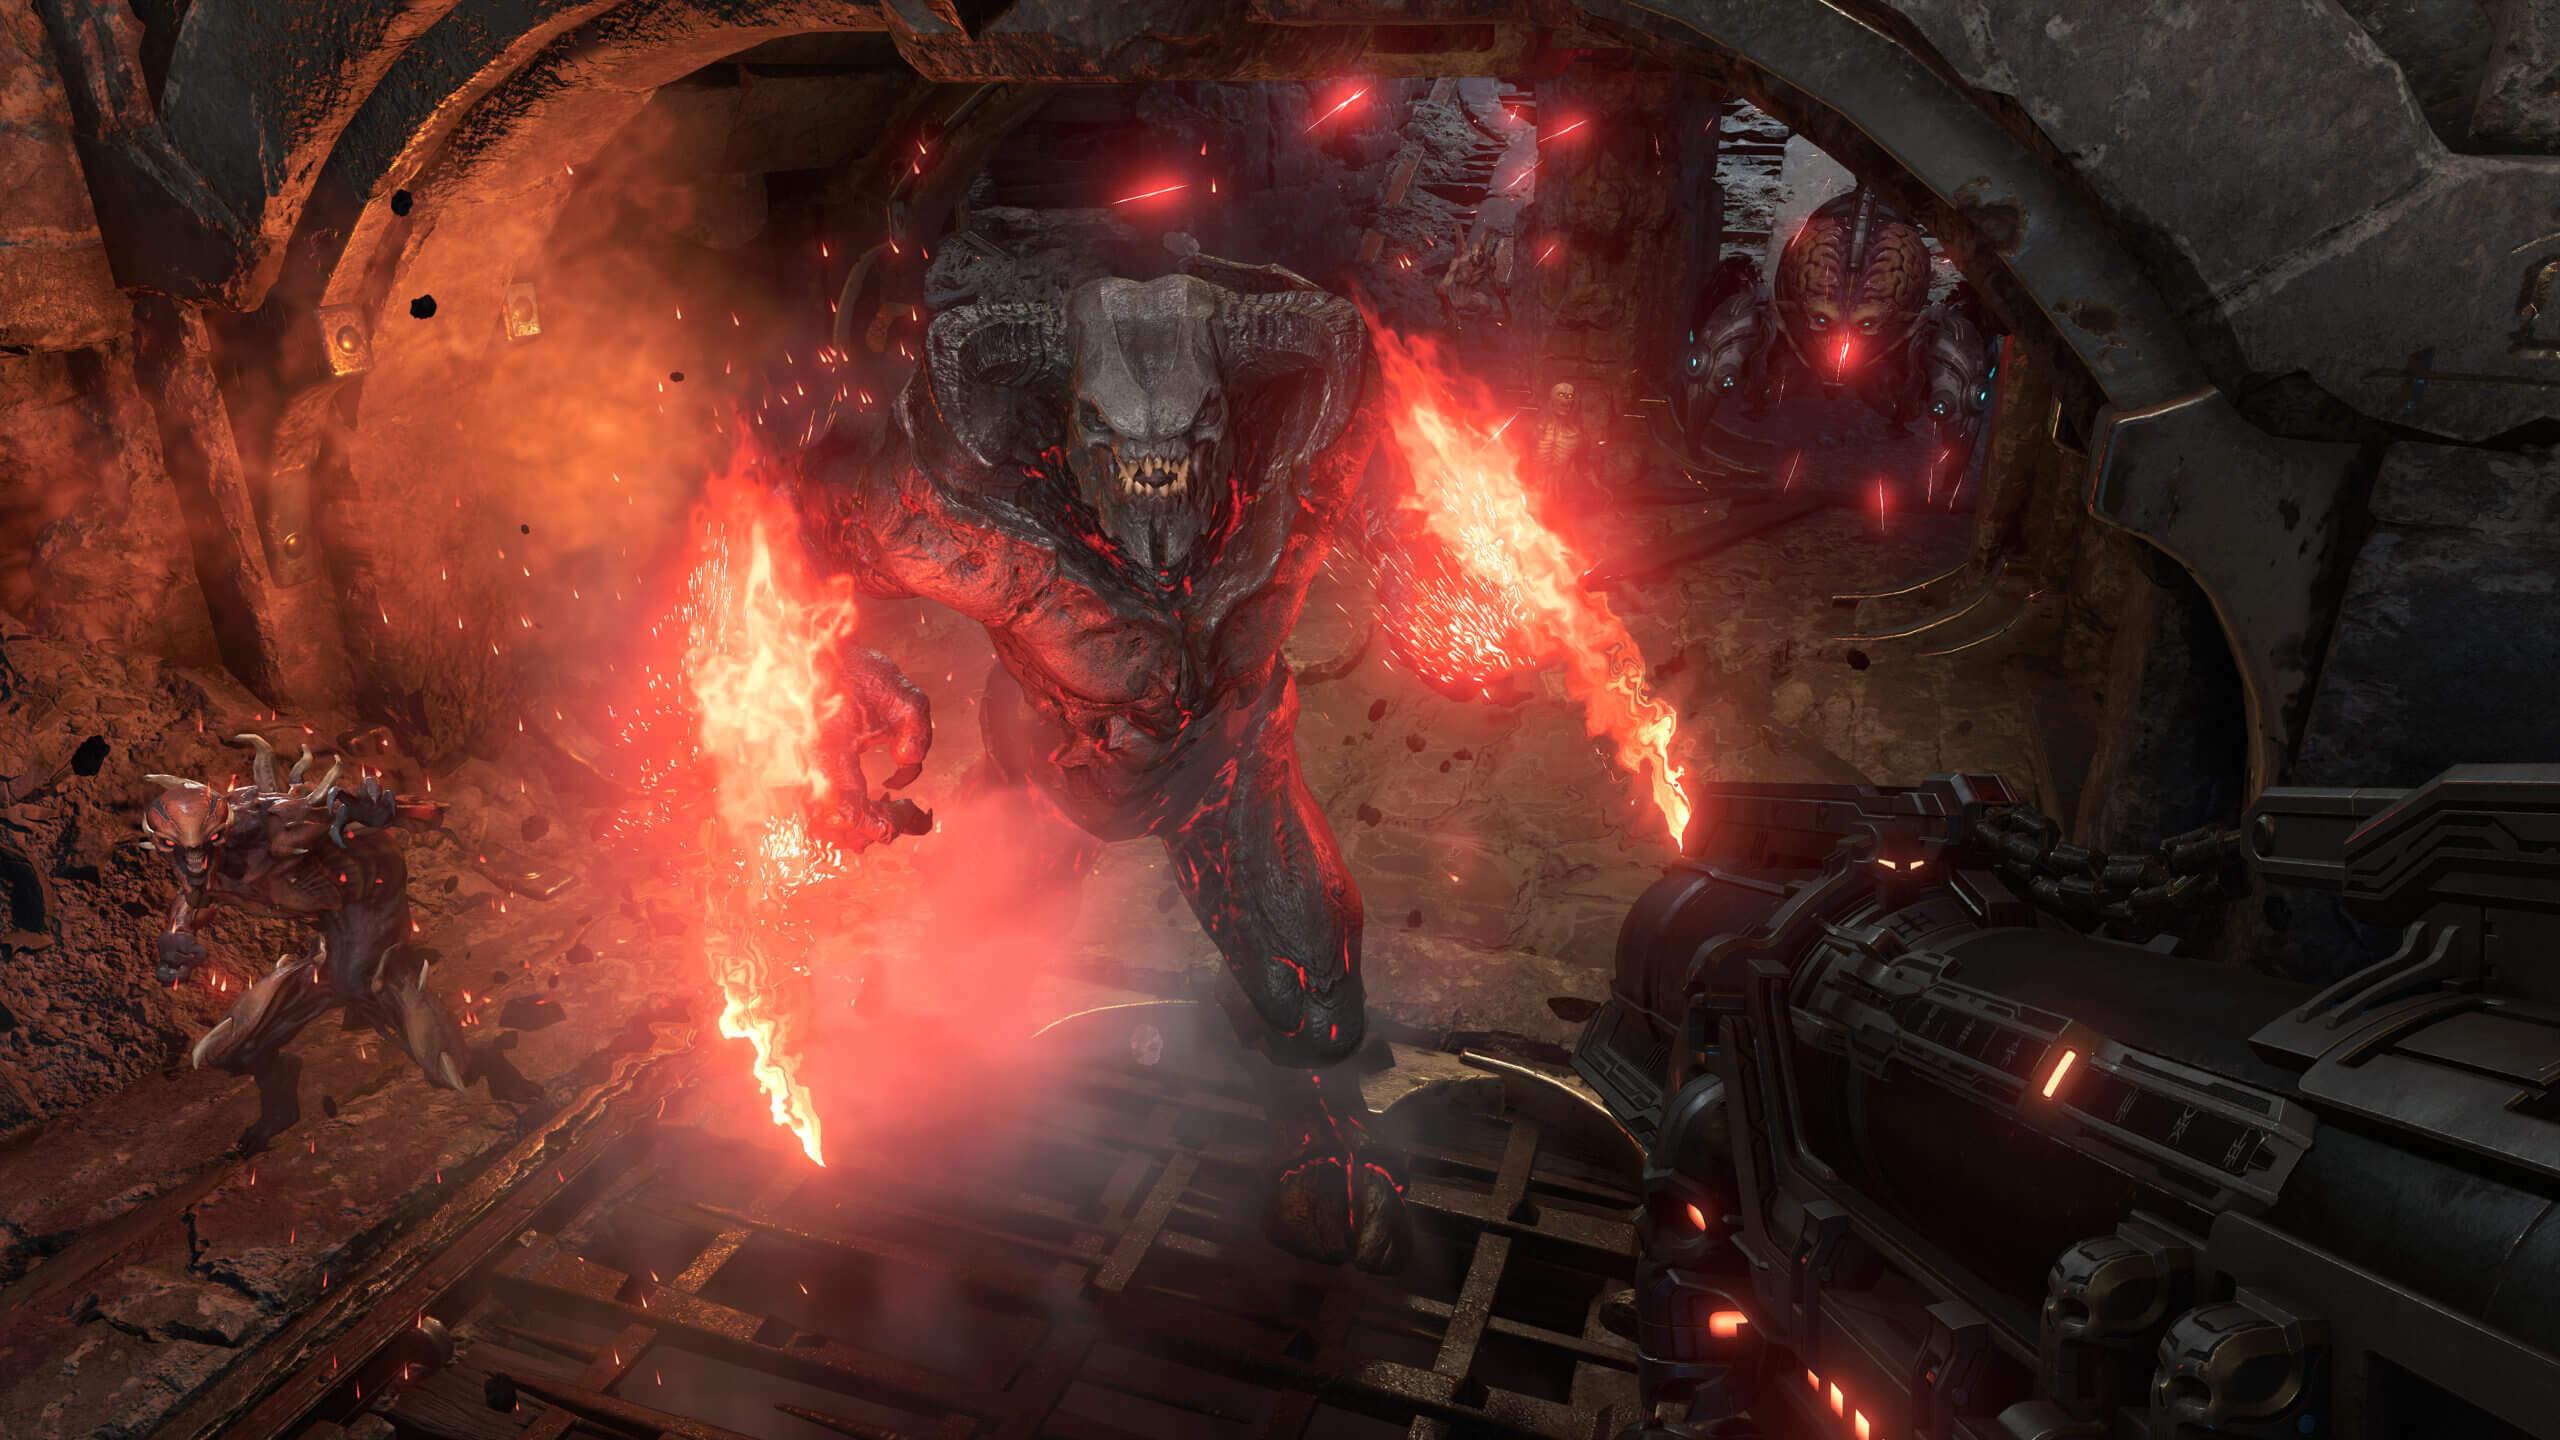 Doom Eternal parece absolutamente lindo nessas últimas imagens oficiais